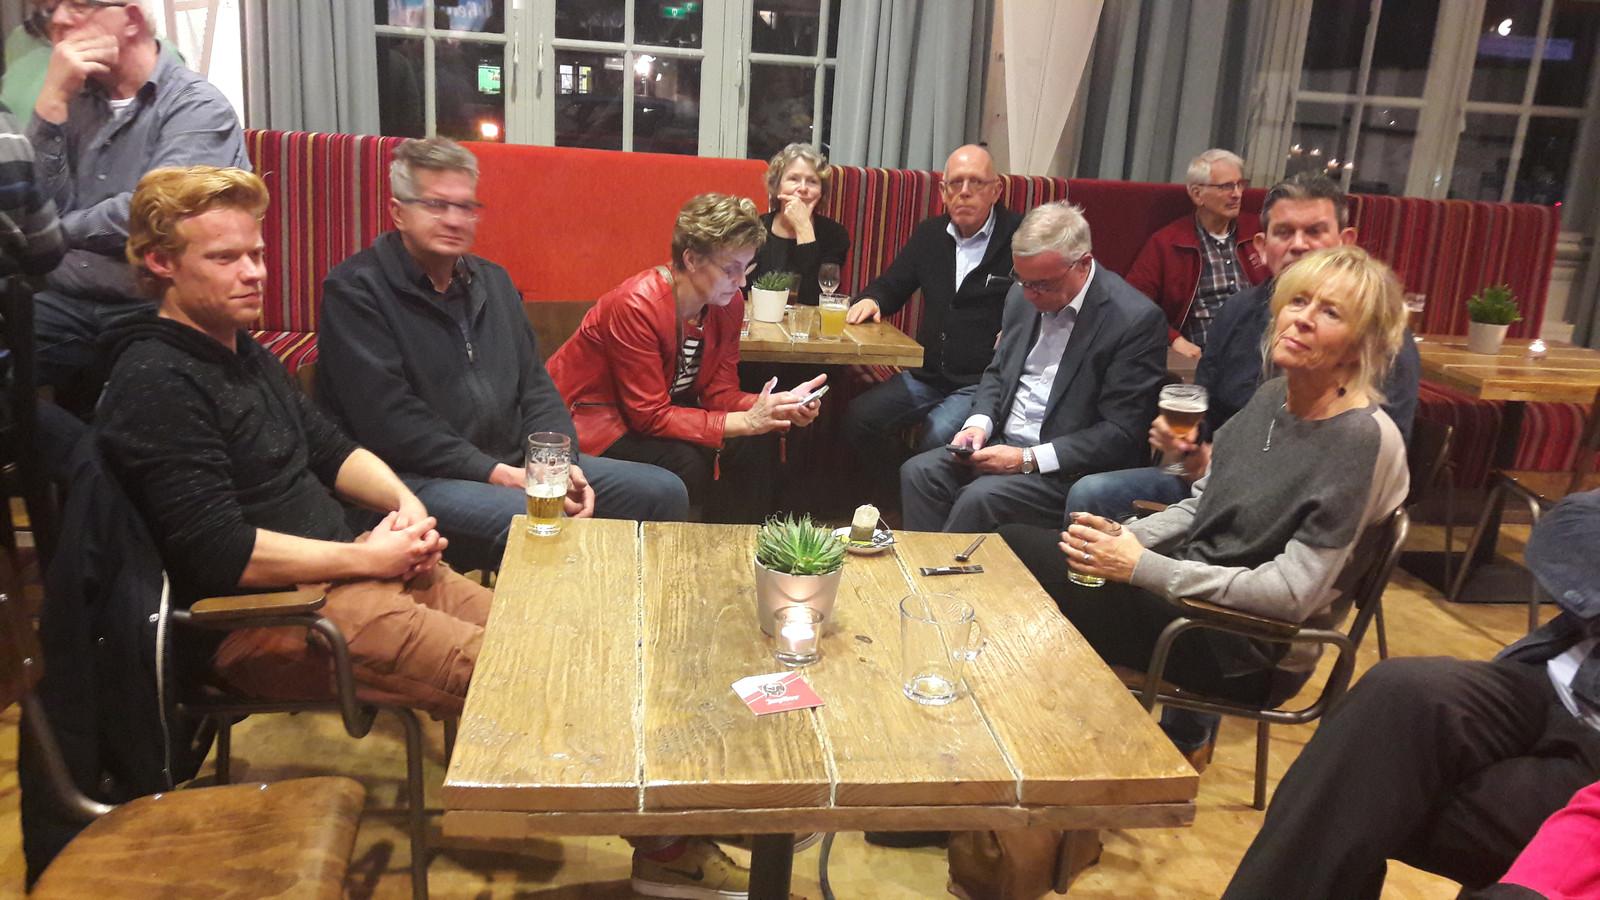 De PvdA wacht de uitslagen af.